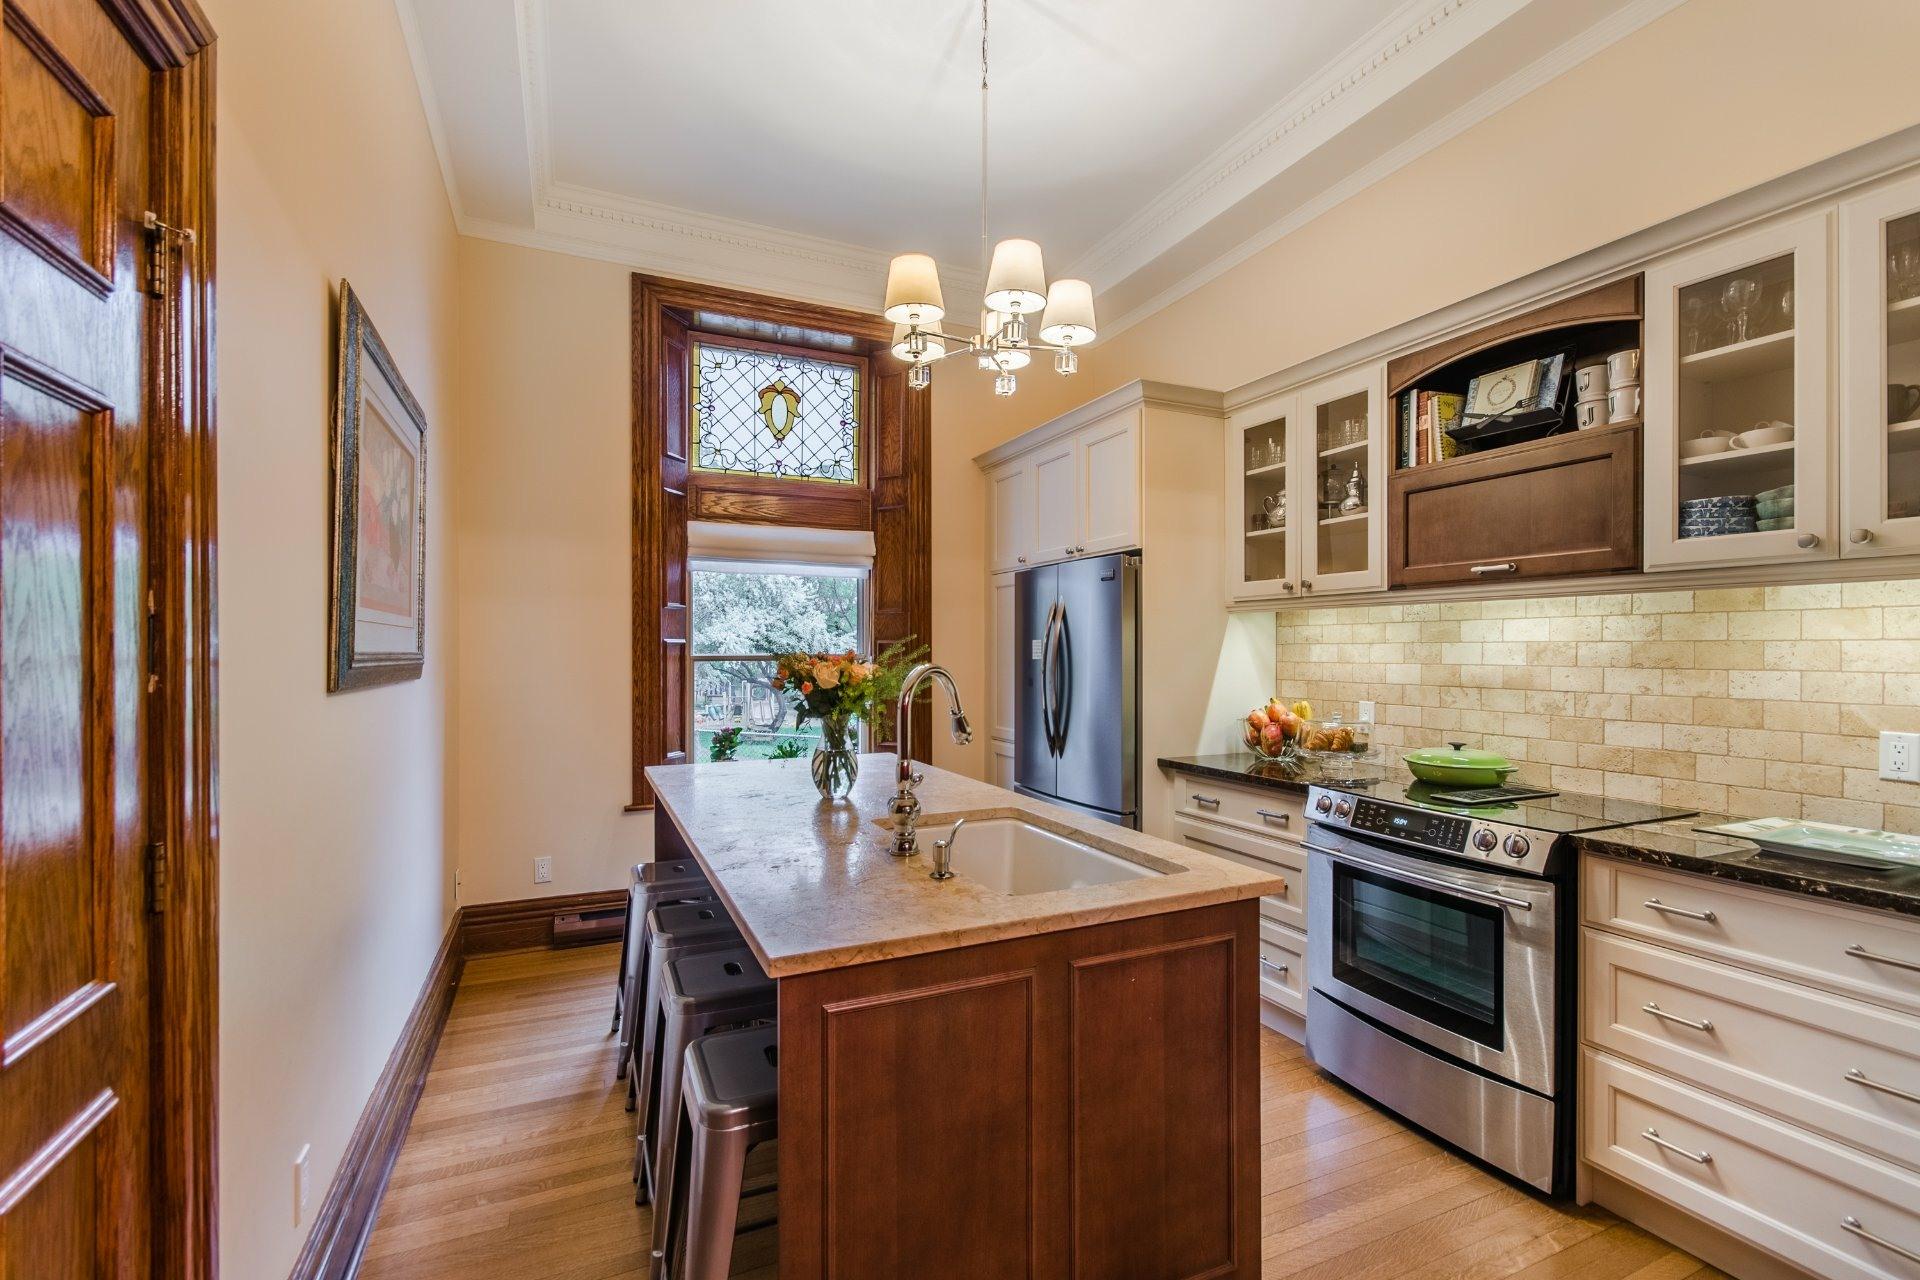 image 3 - Appartement À vendre Montréal Ville-Marie  - 10 pièces